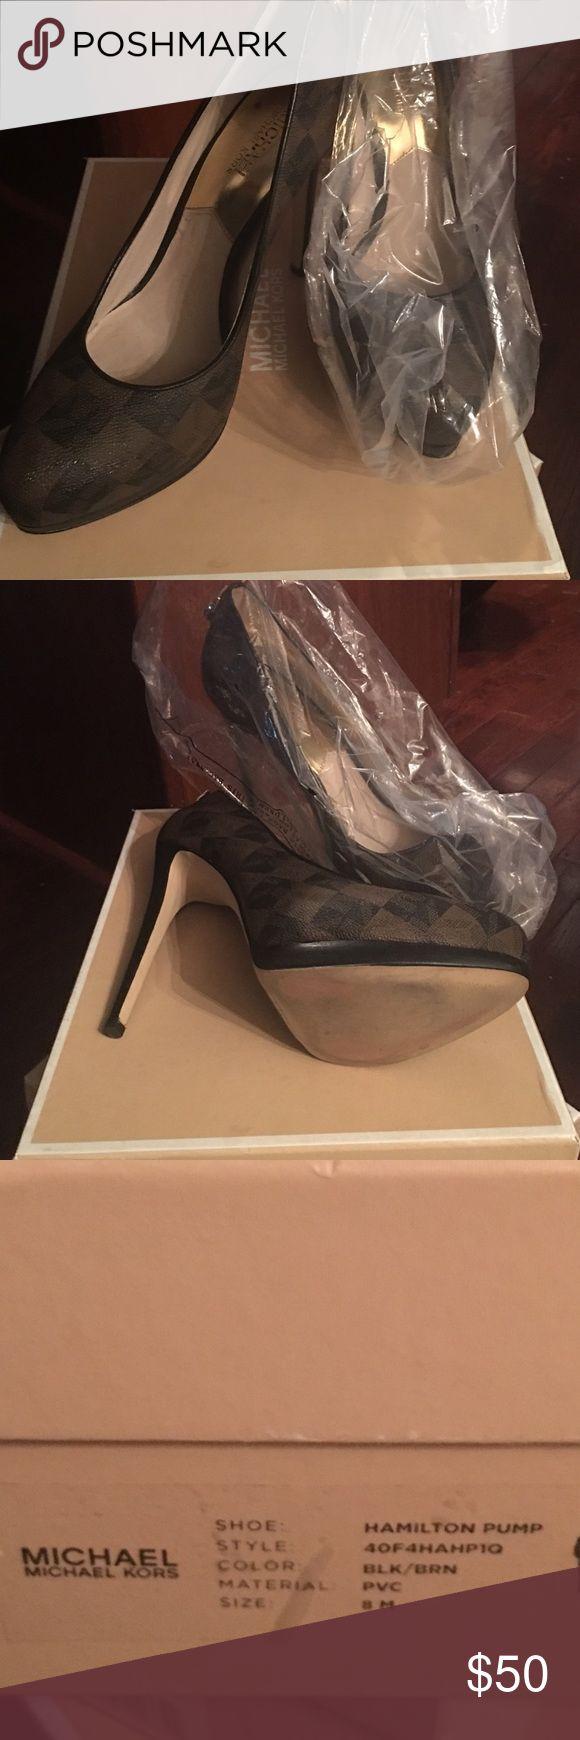 Michael by Michael Kors Hamilton Pump Michael by Michael Kors signature pump- Hamilton worn twice excellent condition MICHAEL Michael Kors Shoes Heels